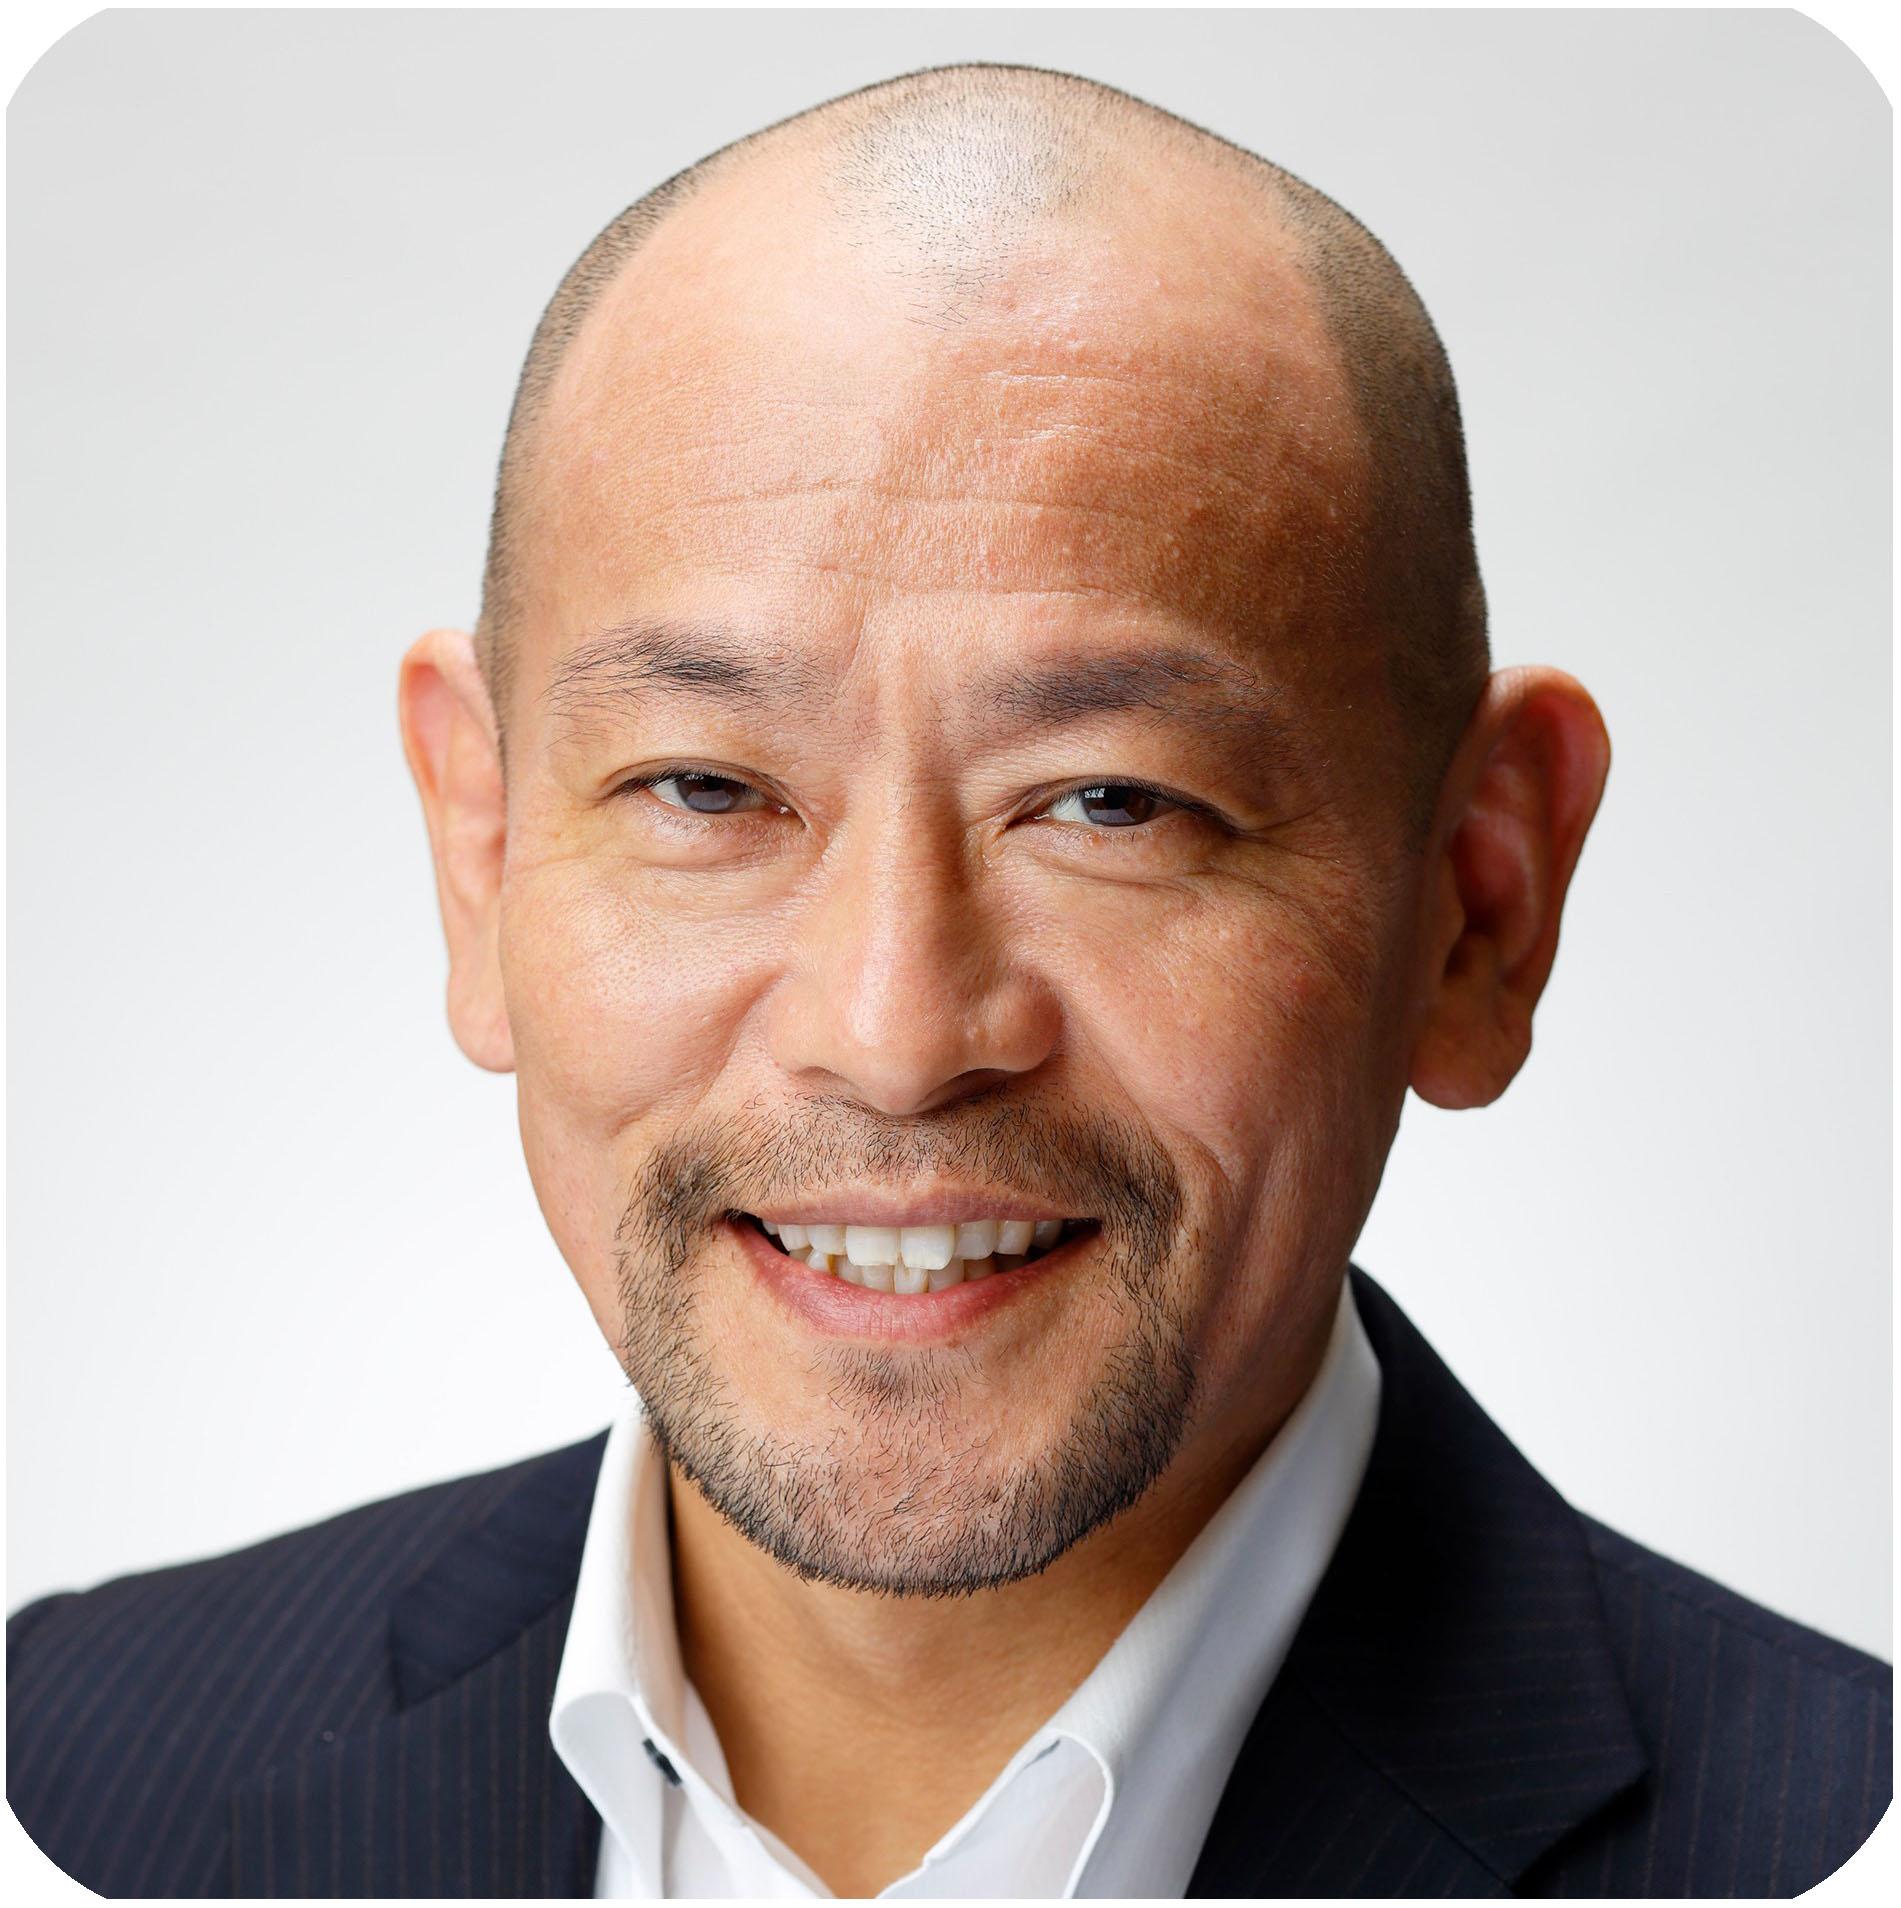 音部 大輔 氏|クー・マーケティング・カンパニー 代表取締役